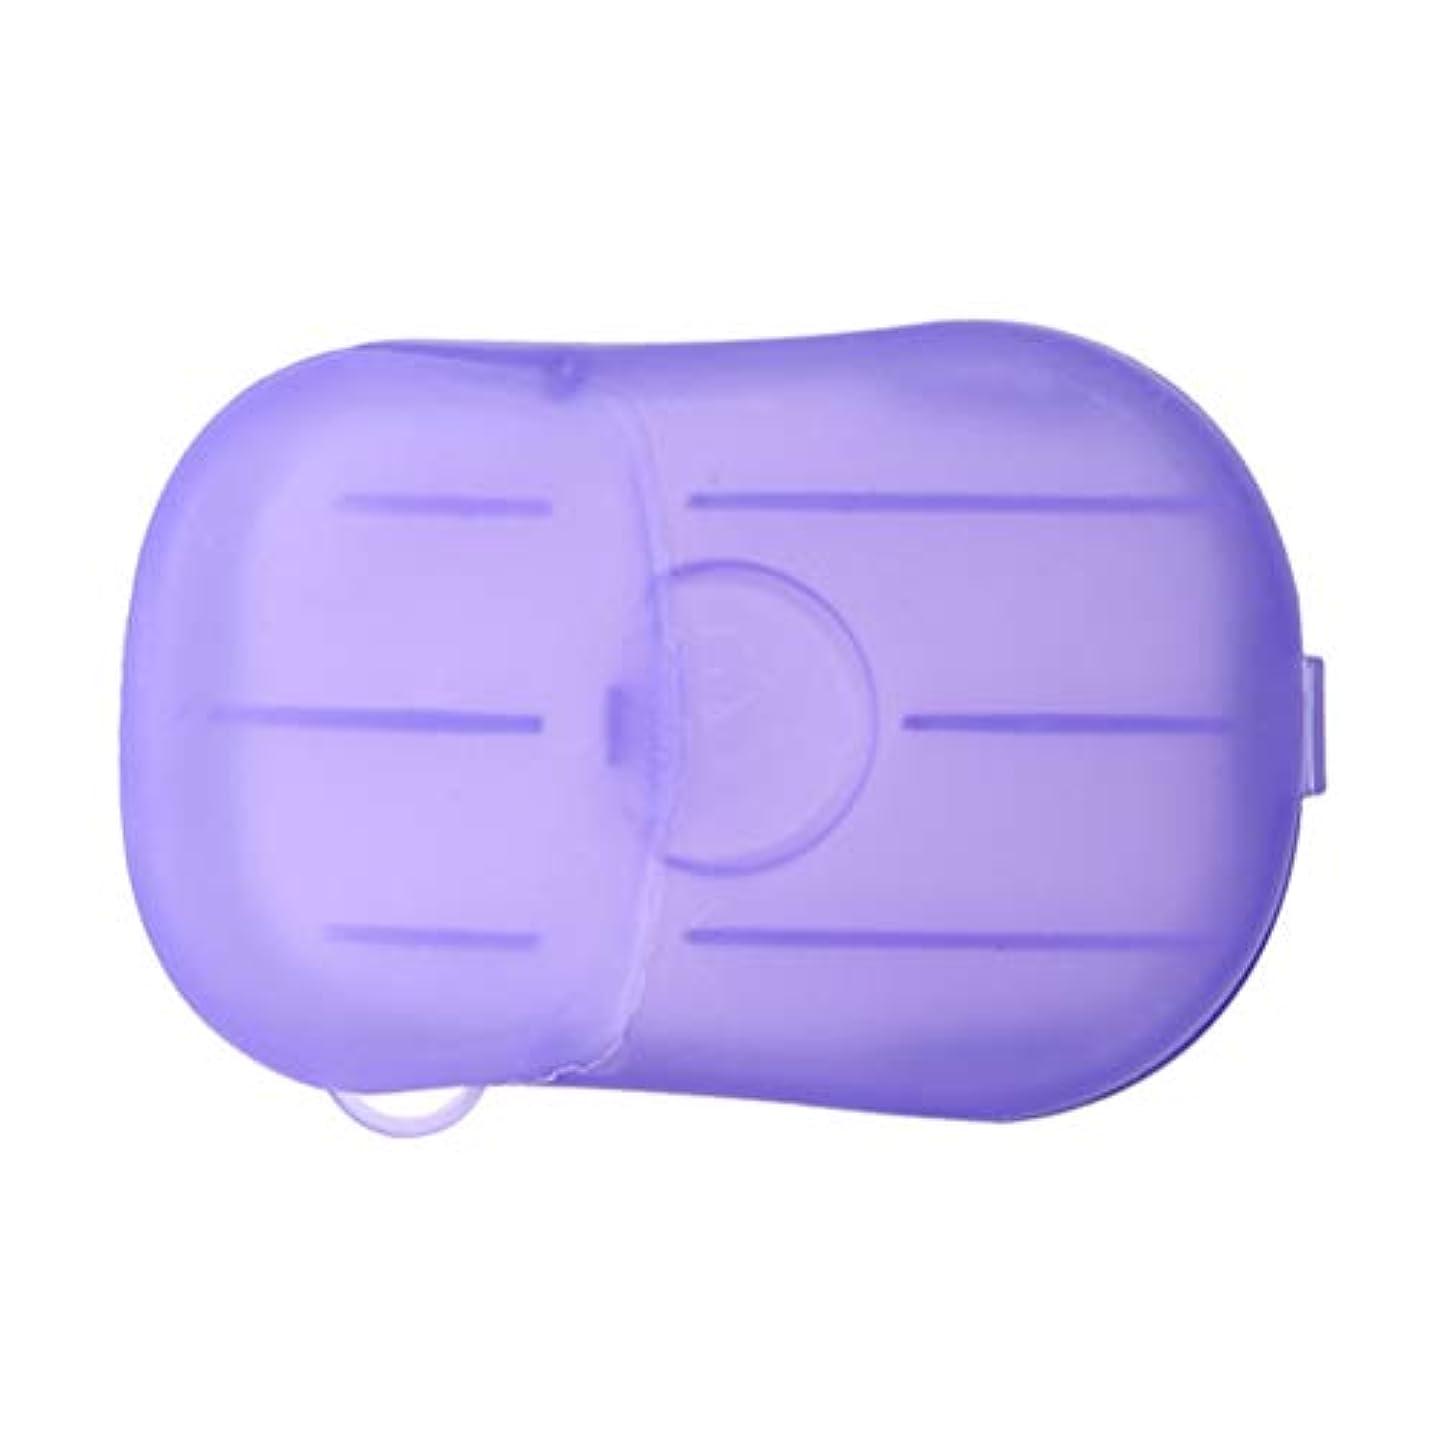 オピエート商業のに関してLIOOBO 20ピース石鹸フレーク使い捨てクリーニングペーパーポータブルシャワー用品手洗い石鹸シーツ付きトラベルキャンプハイキング(パープル)